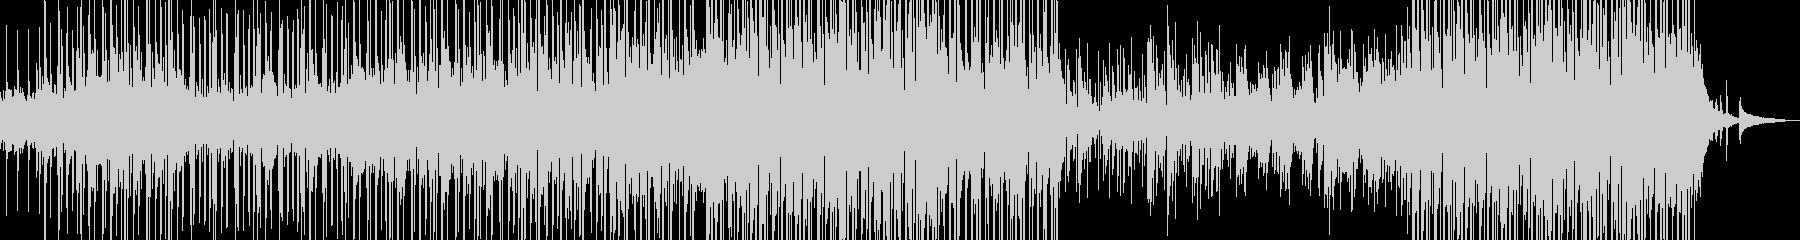 大切な人へ届けるイメージのR&B 長尺の未再生の波形